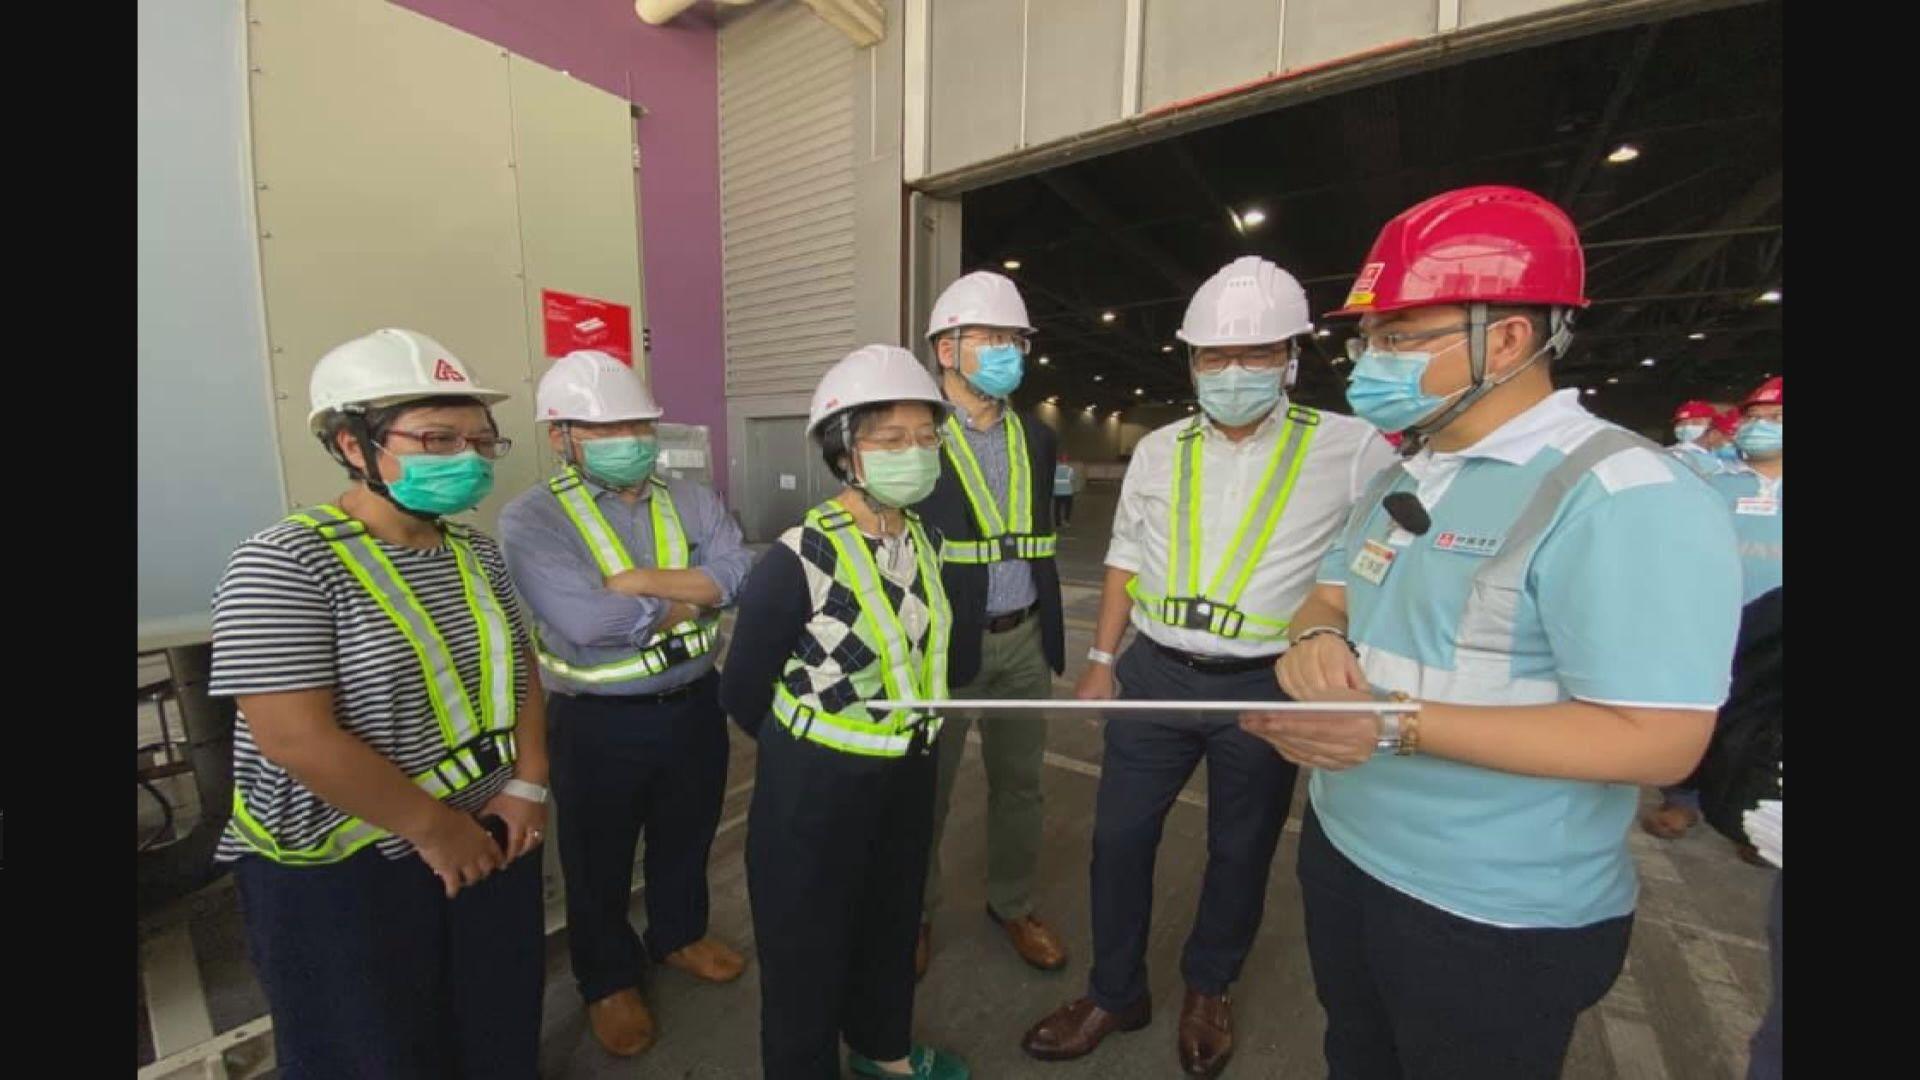 發展局﹕臨時醫院工程已交內地委聘團隊開展工作